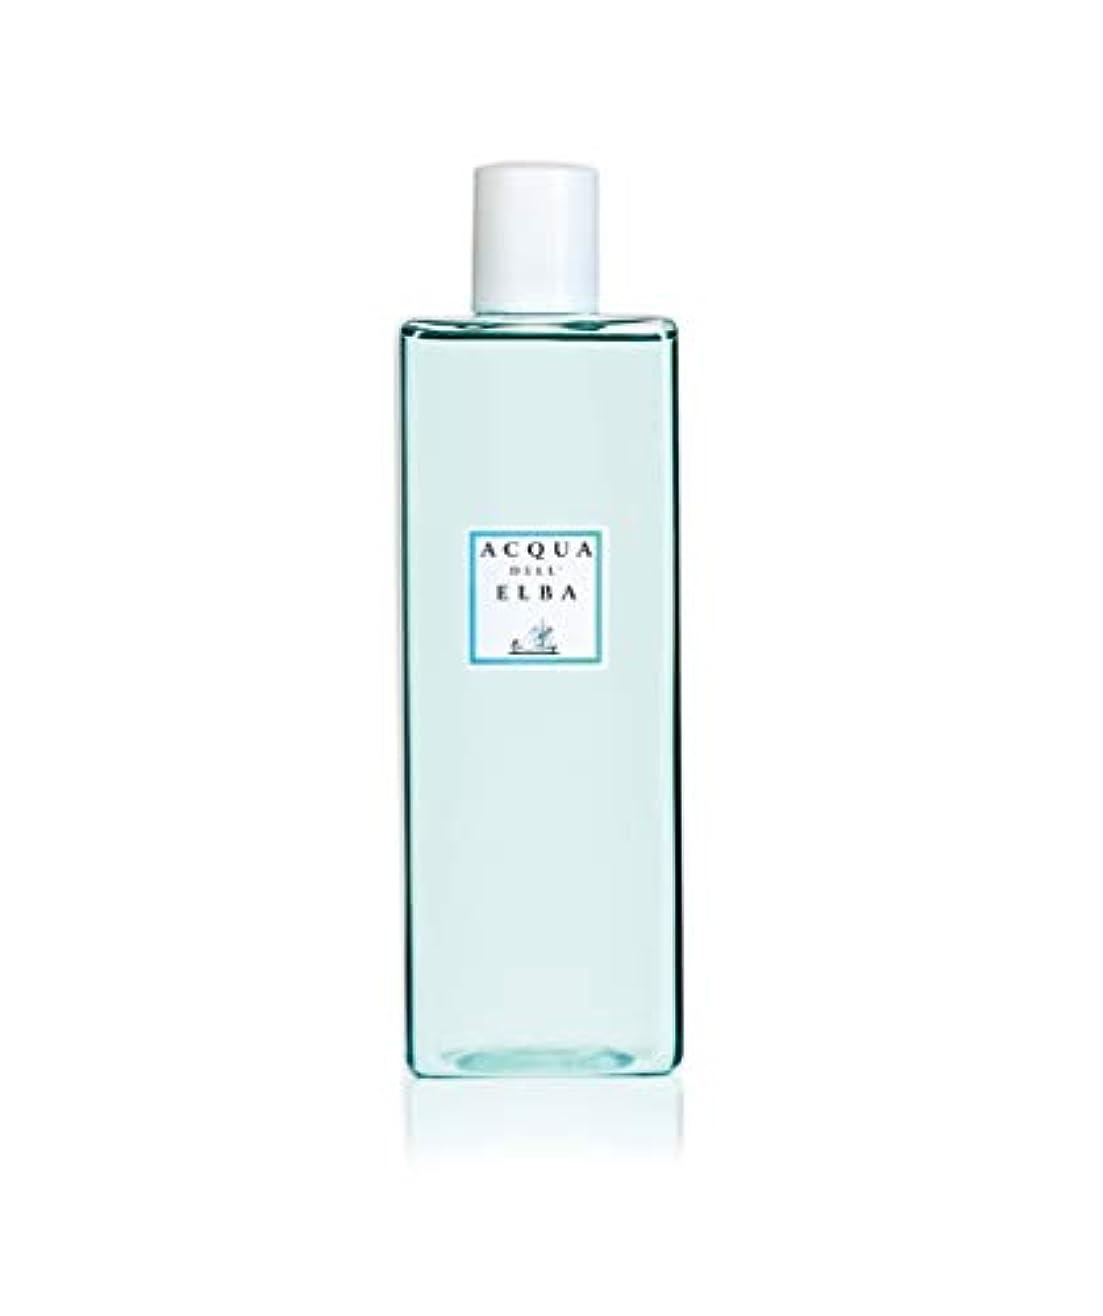 上院マディソンスタウトアクア?デッレ?エルバ Home Fragrance Diffuser Refill - Isola D'Elba 500ml/17oz並行輸入品